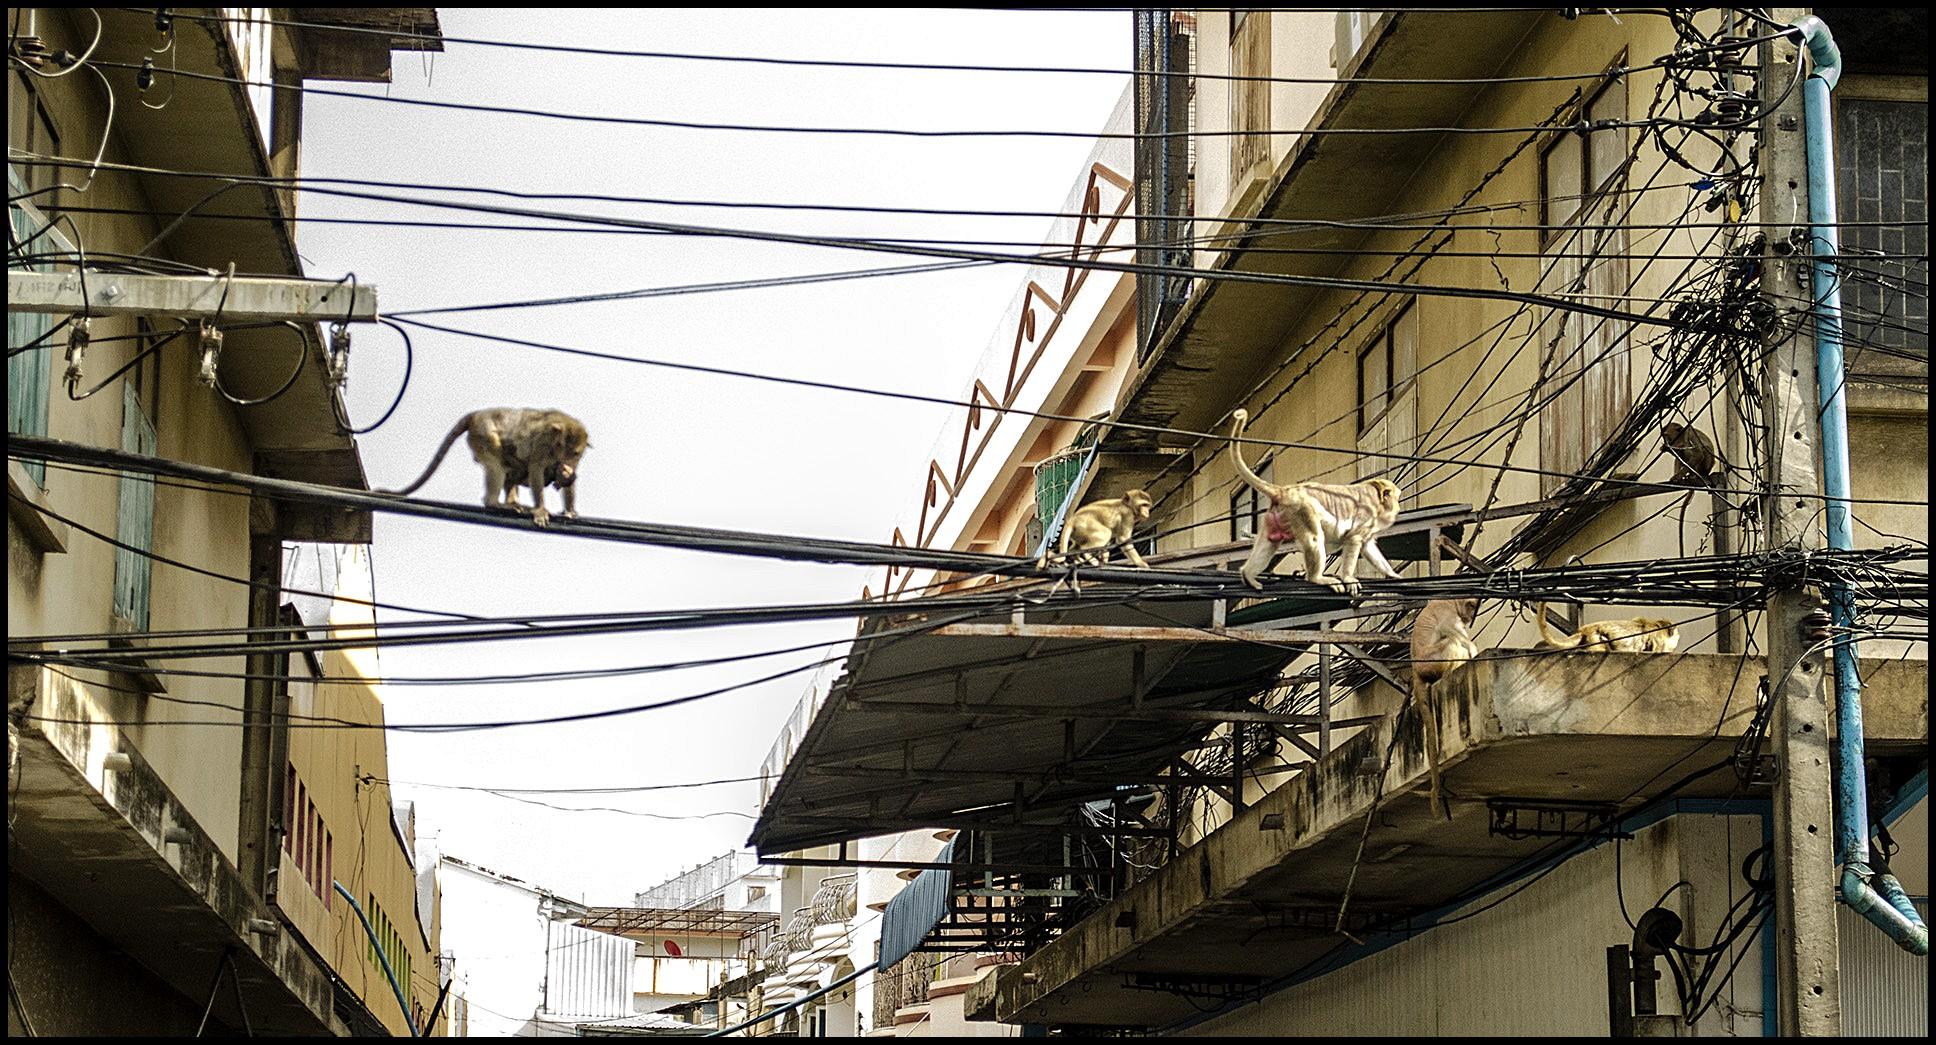 małpy znajdziemy wszędzie w Lopburi